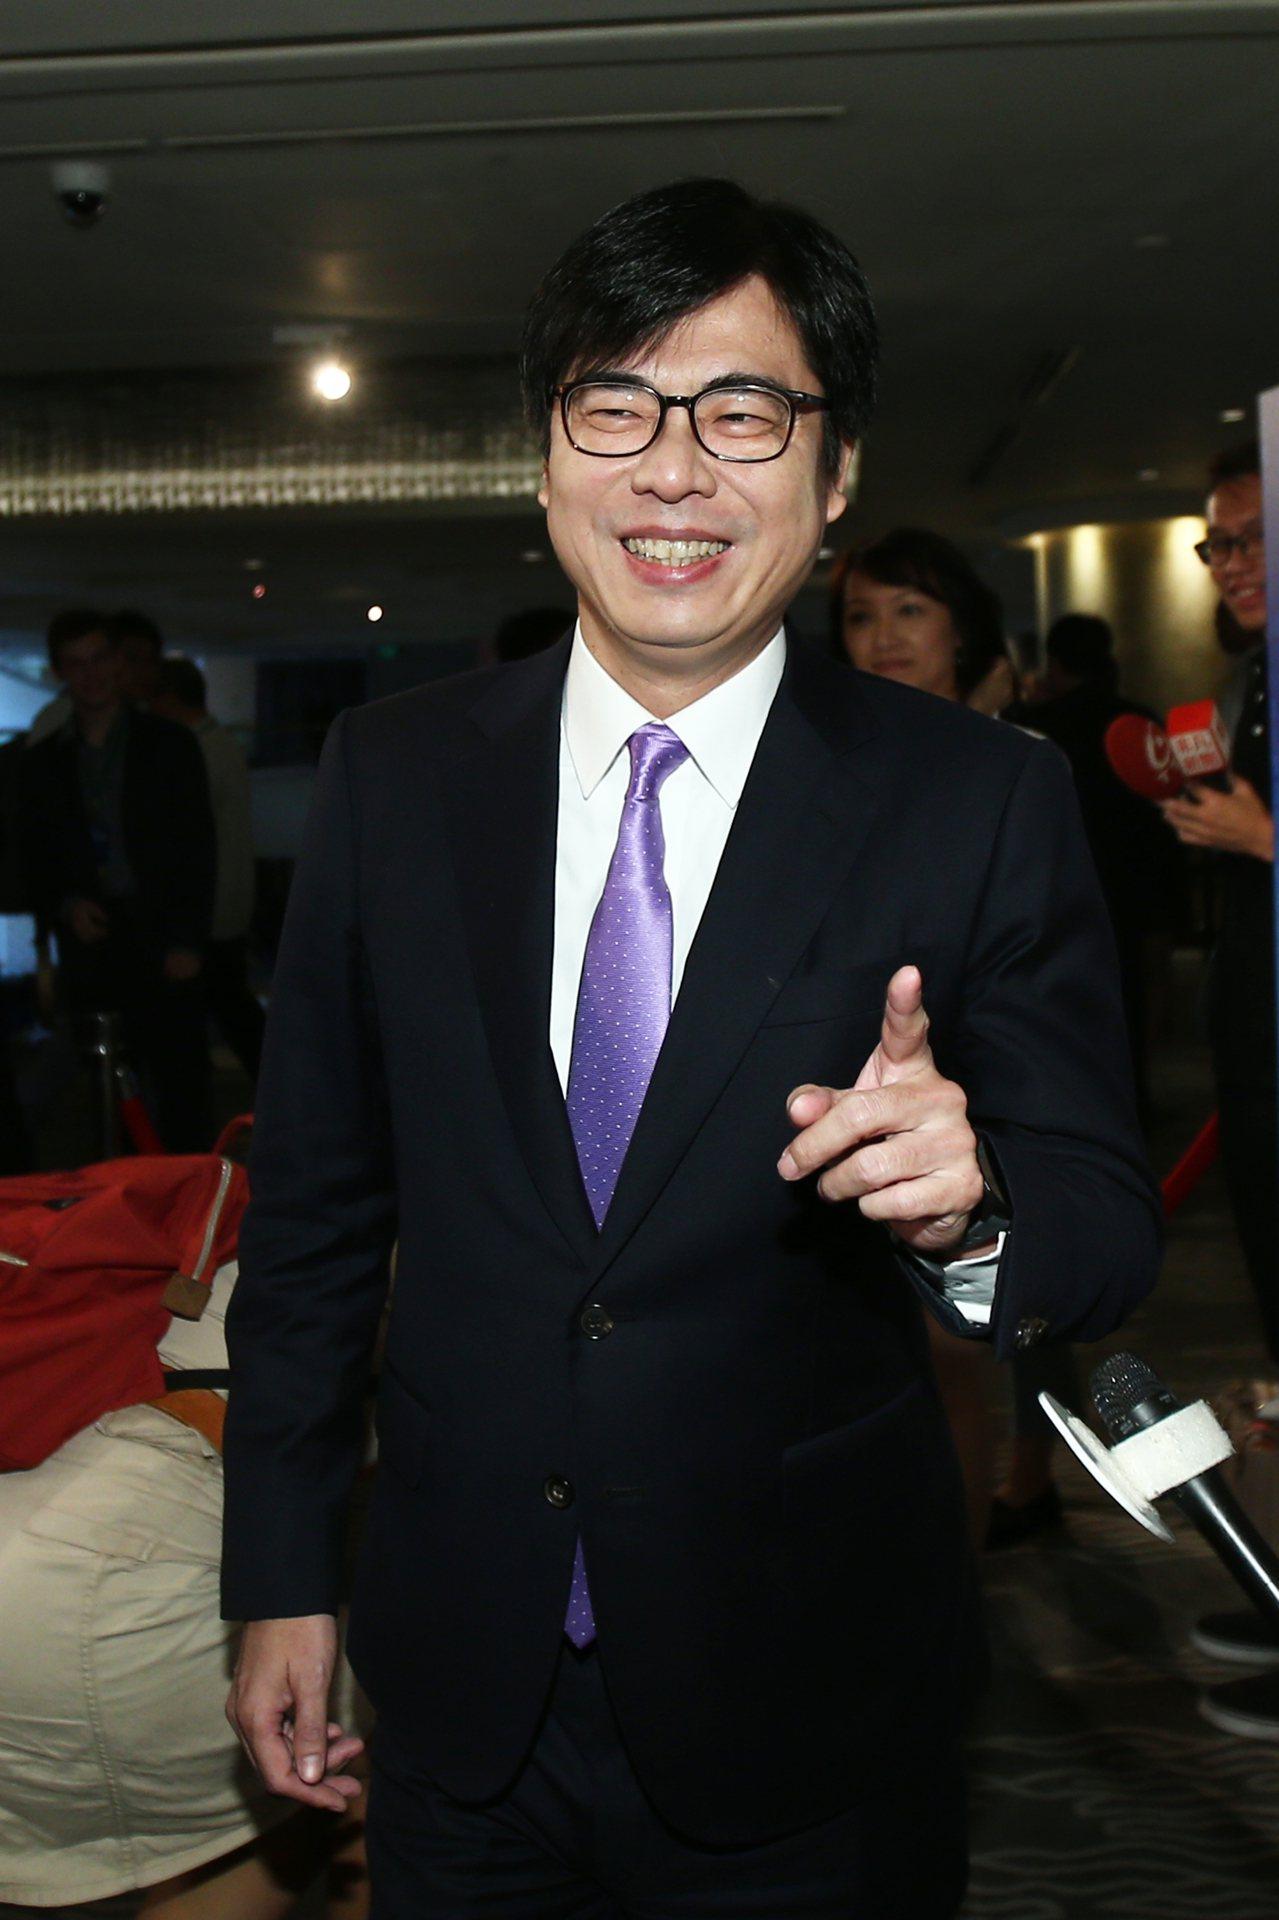 大港開唱明年停辦 陳其邁籲韓國瑜「好好想清楚」